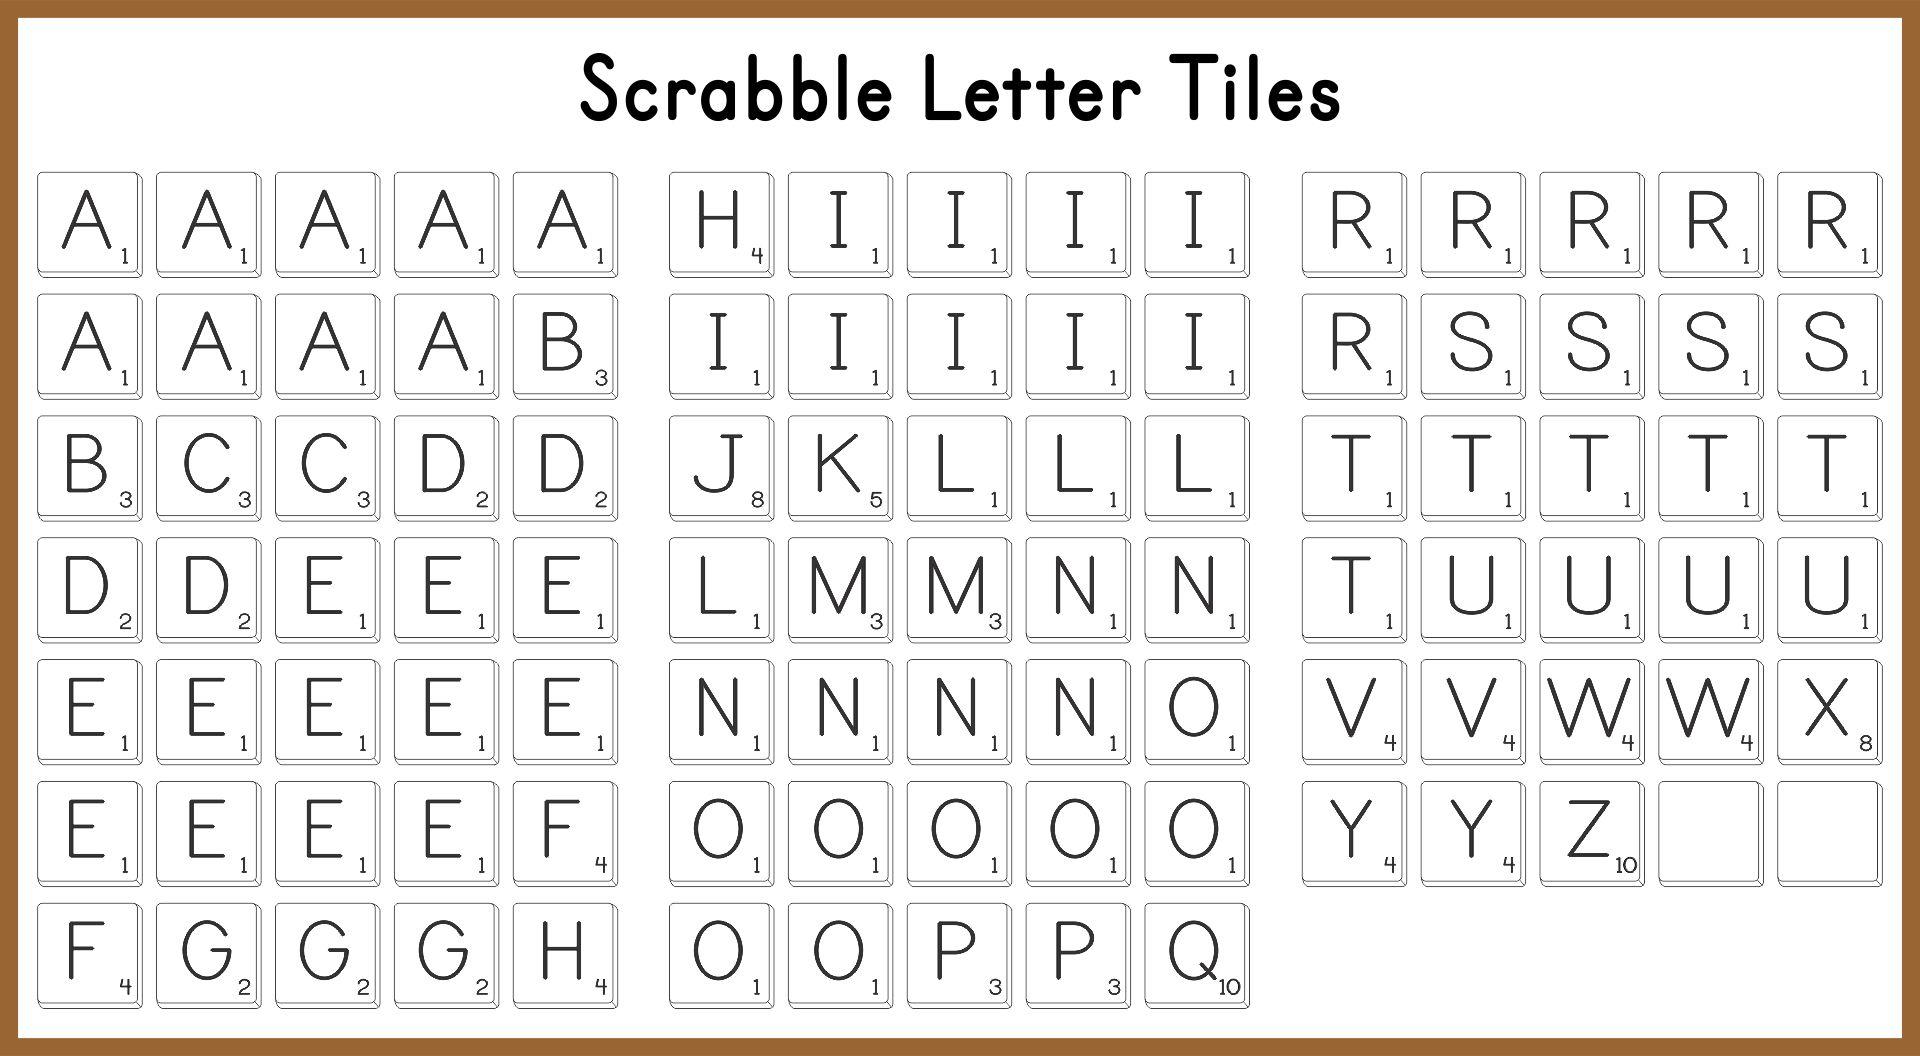 Scrabble Letter Tiles Printable